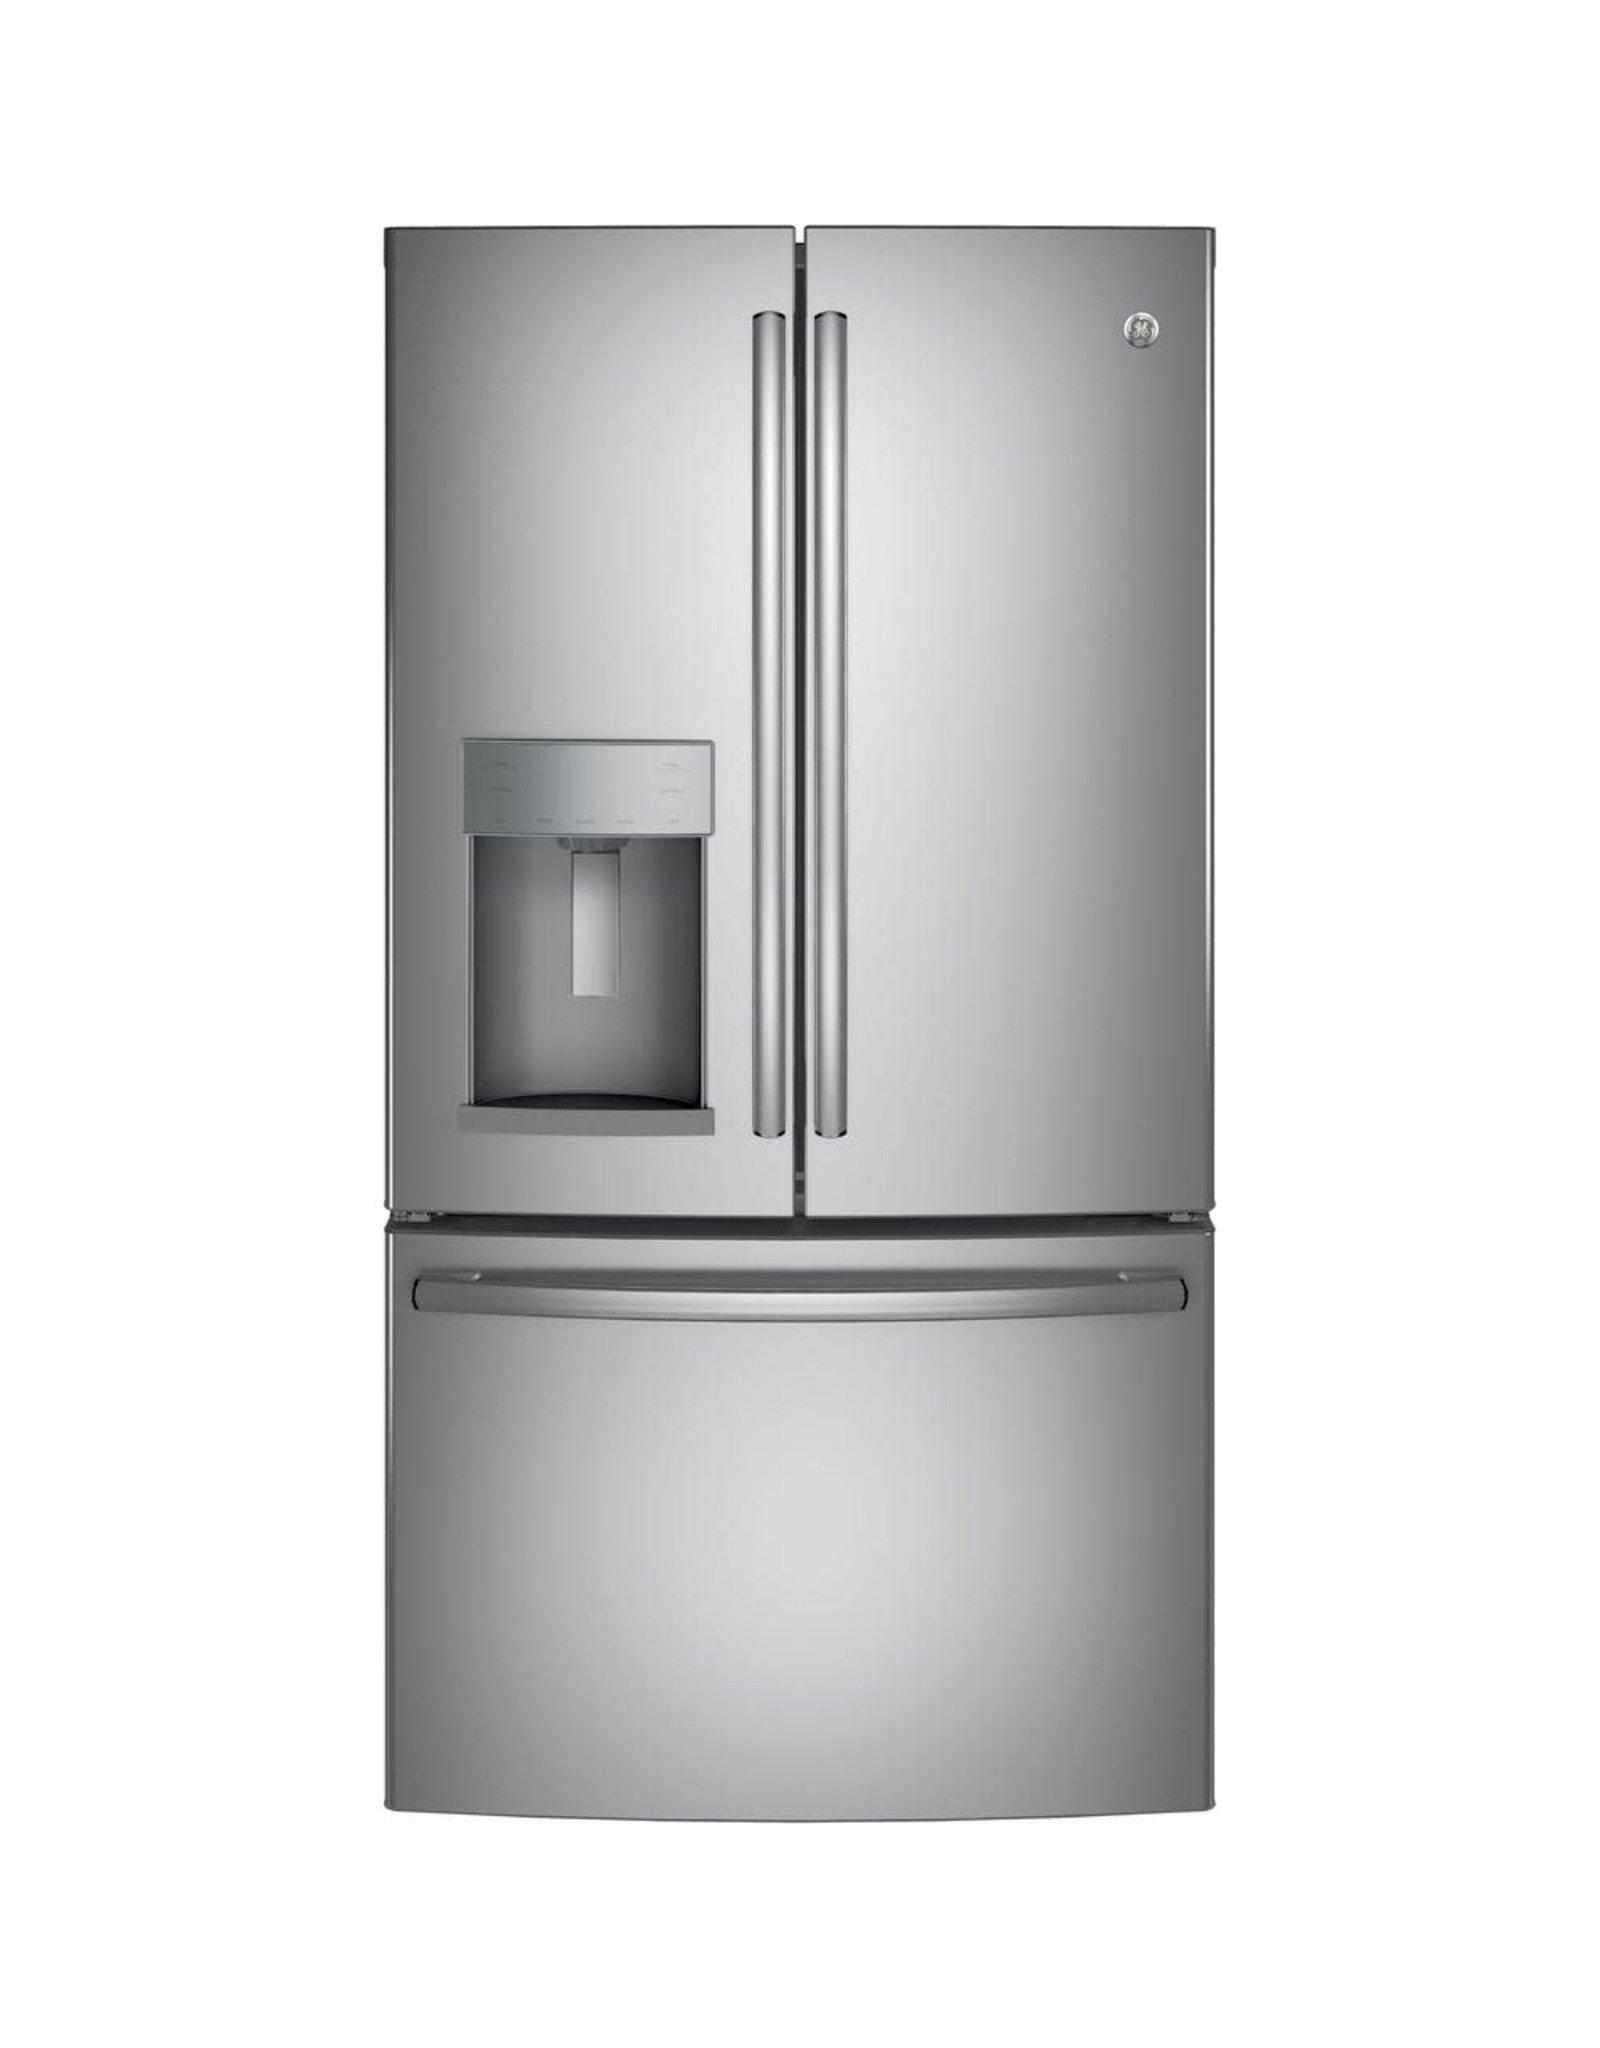 GE GFD28GYNFS 27.8 cu. ft. French Door Refrigerator with Door-in-Door in Fingerprint Resistant Stainless Steel